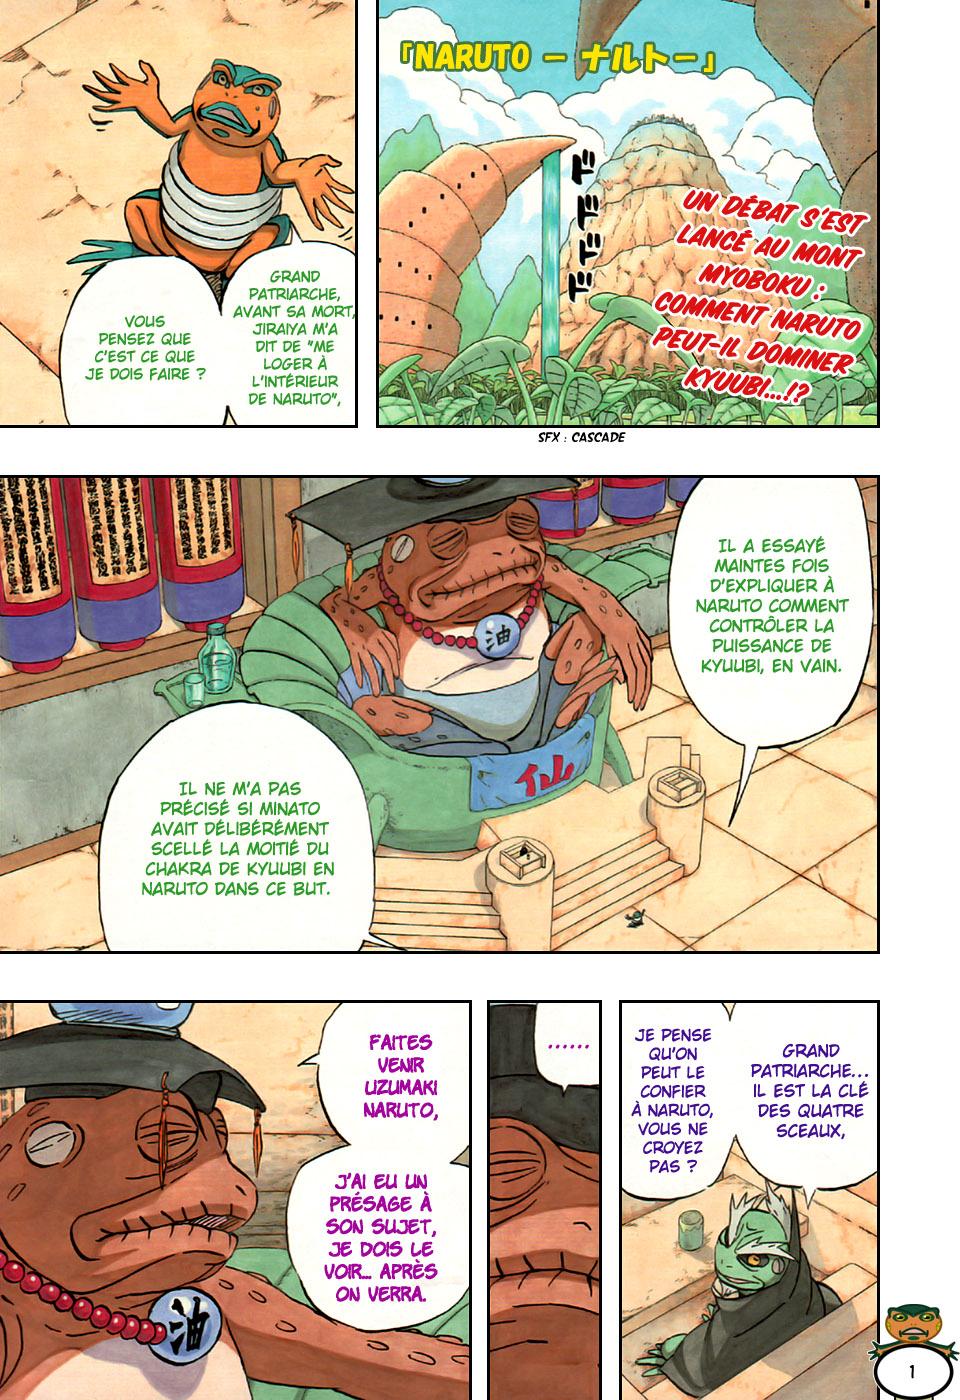 Naruto chapitre 489 colorisé - Page 1